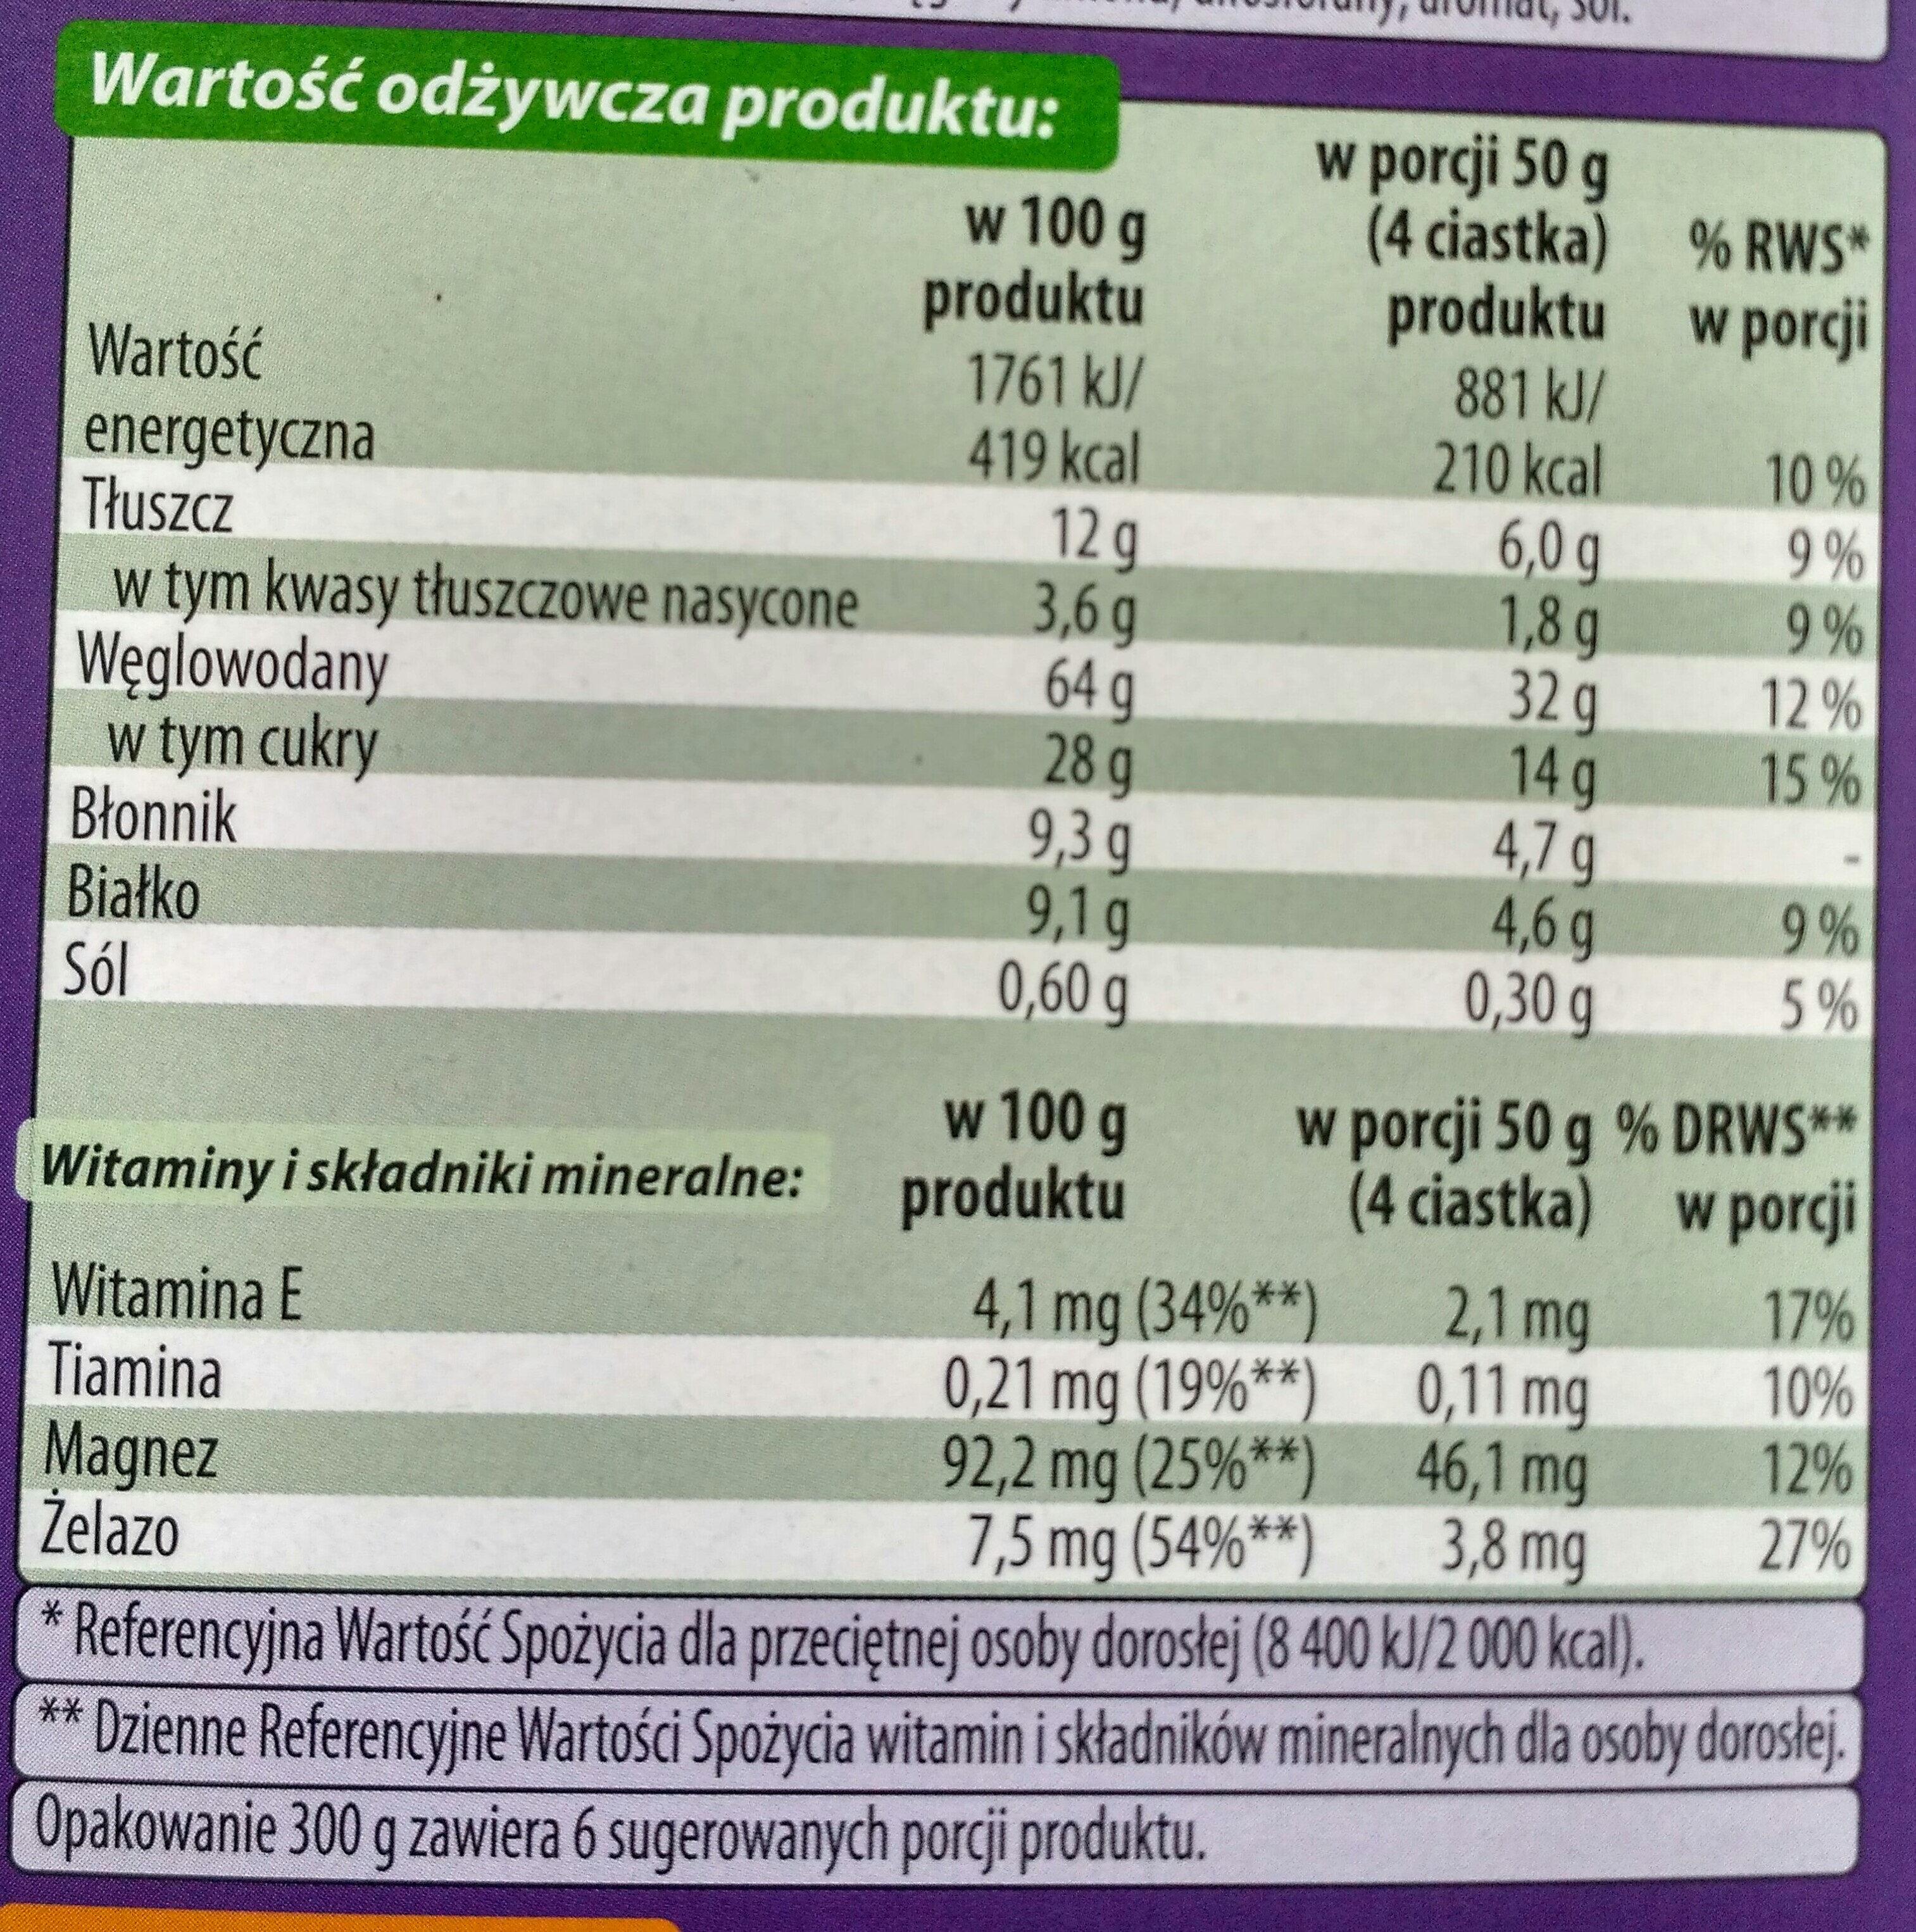 Ciastka czekolada zboża - Wartości odżywcze - pl